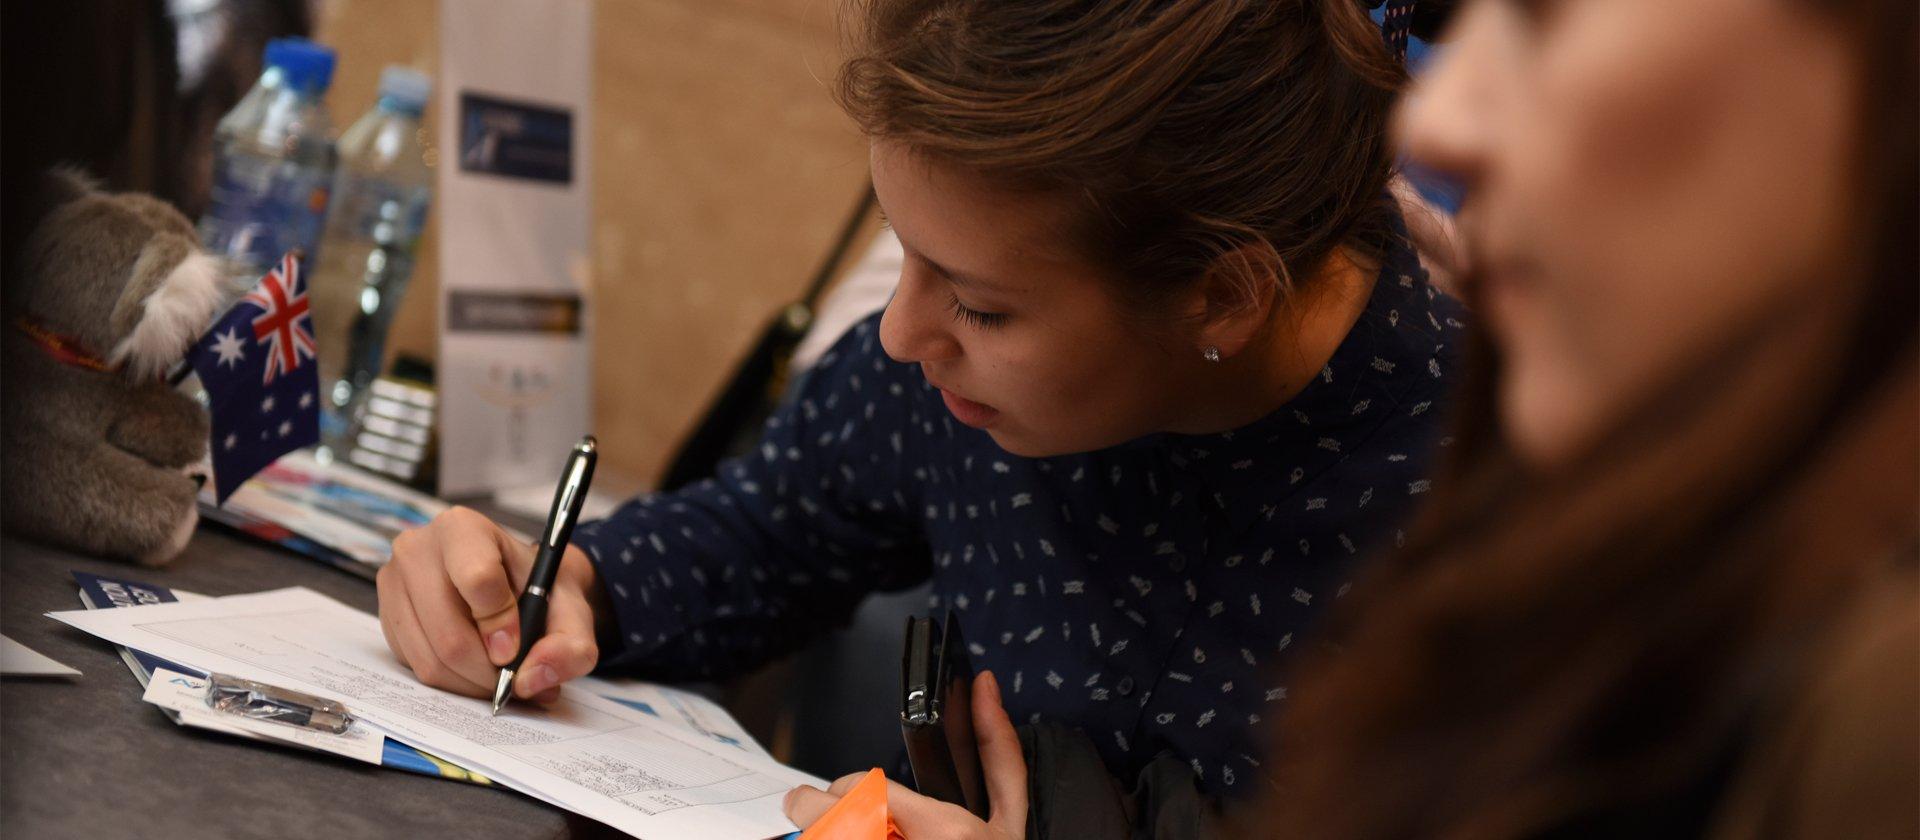 Upitnik procene profila - Elena SimicTvoj prvi korak u proceduri - Elena Simic